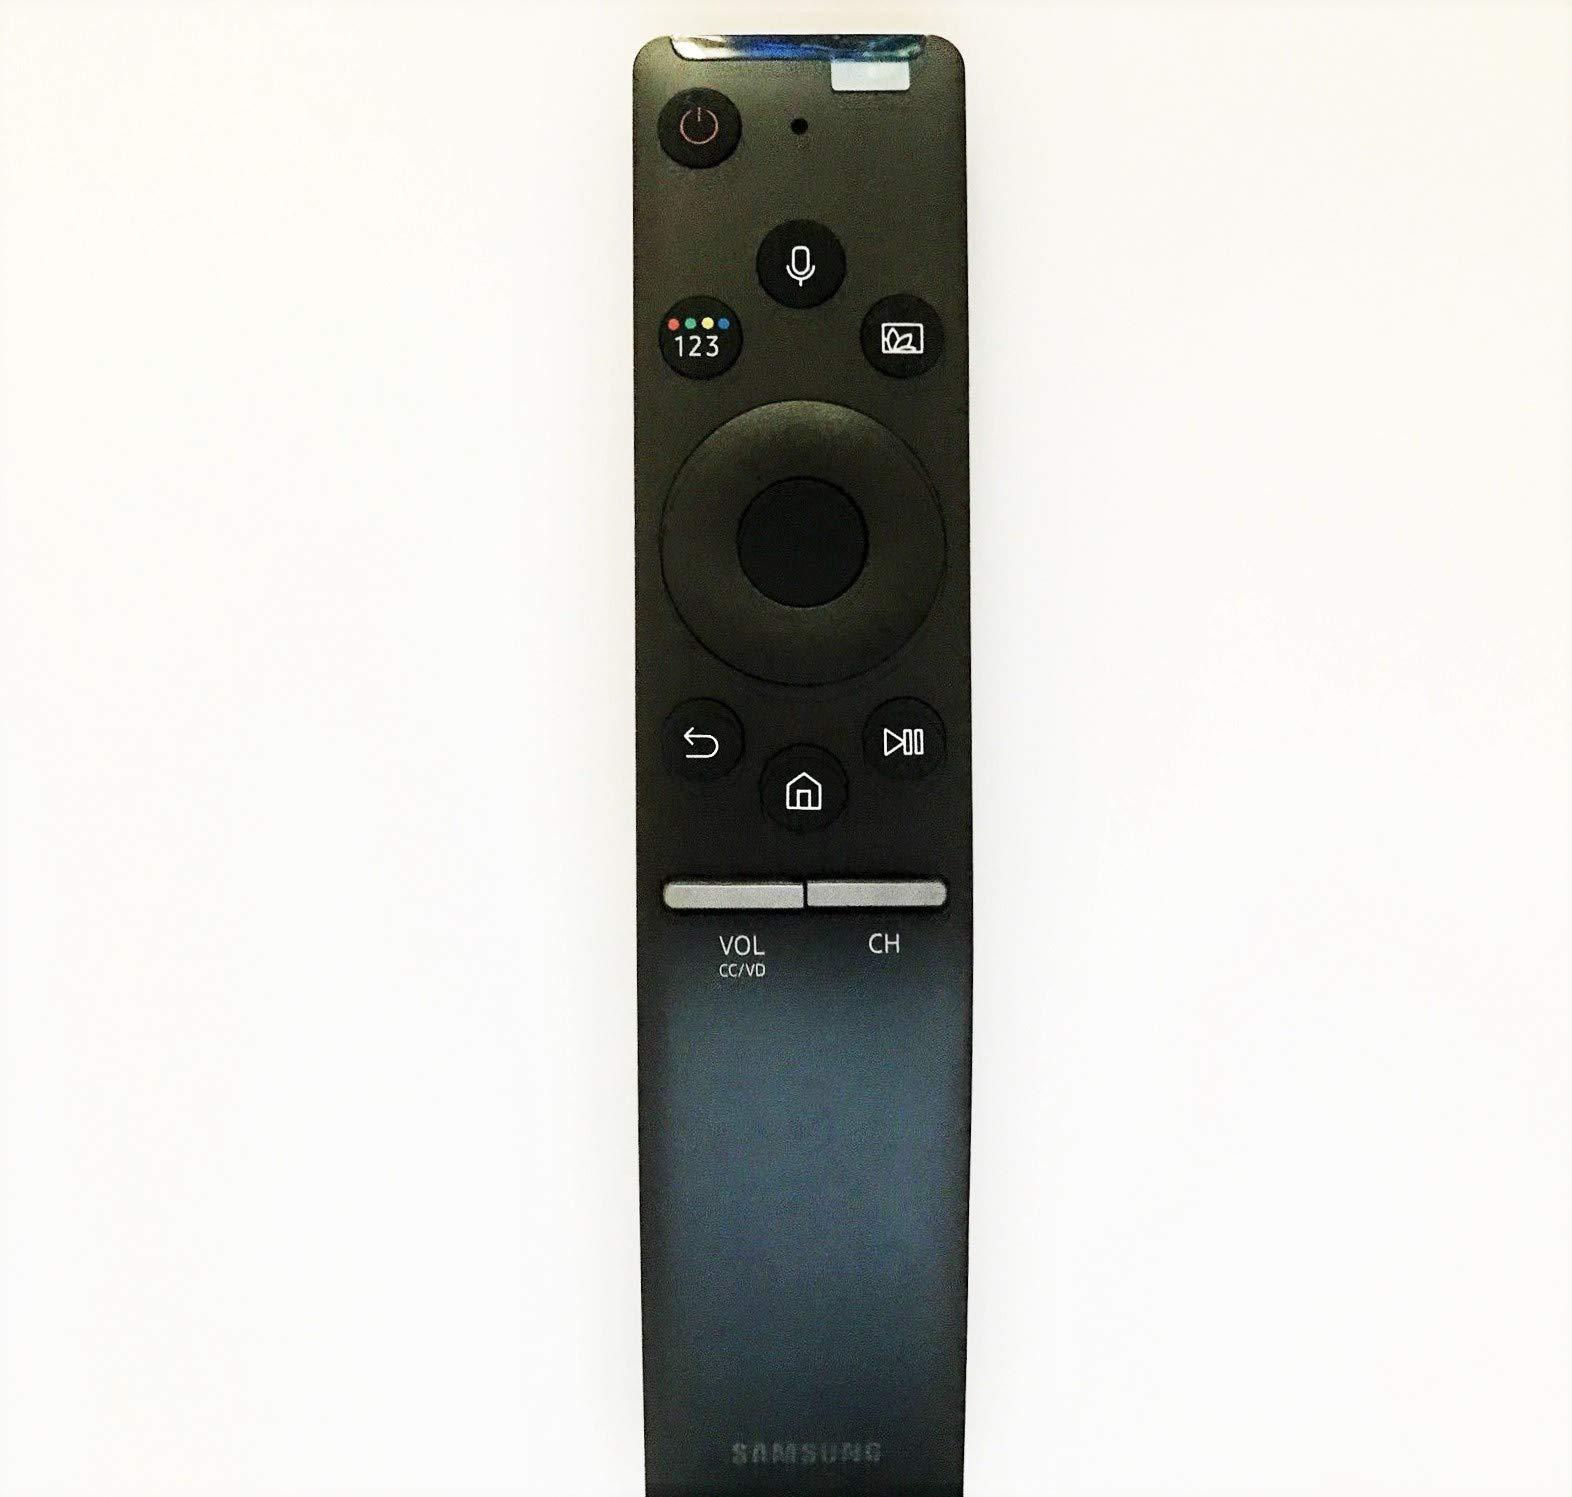 Original Samsung Remote Control for 4K UHD TV UN65MU630D UN65MU630DFXZA UN55MU630D UN55MU630DFXZA